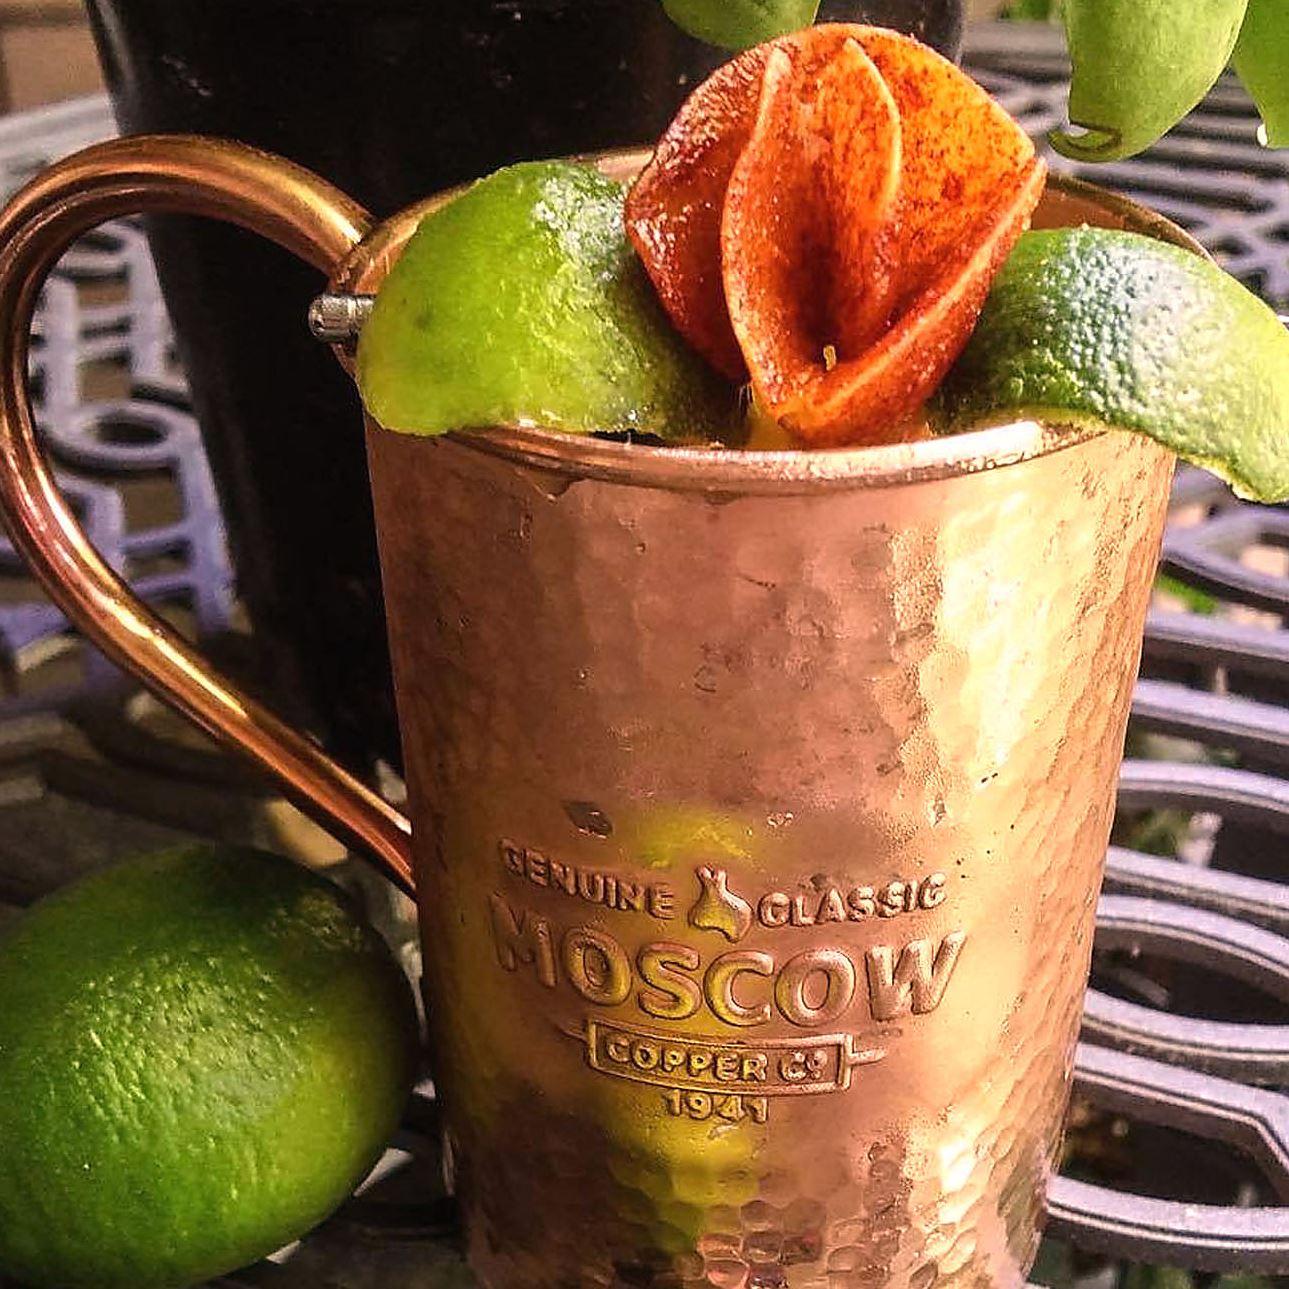 diablo_mango_mule_01 The Diablo Mango Mule by bartender Kimber Weissert of Wallace's Tap Room in East Liberty.